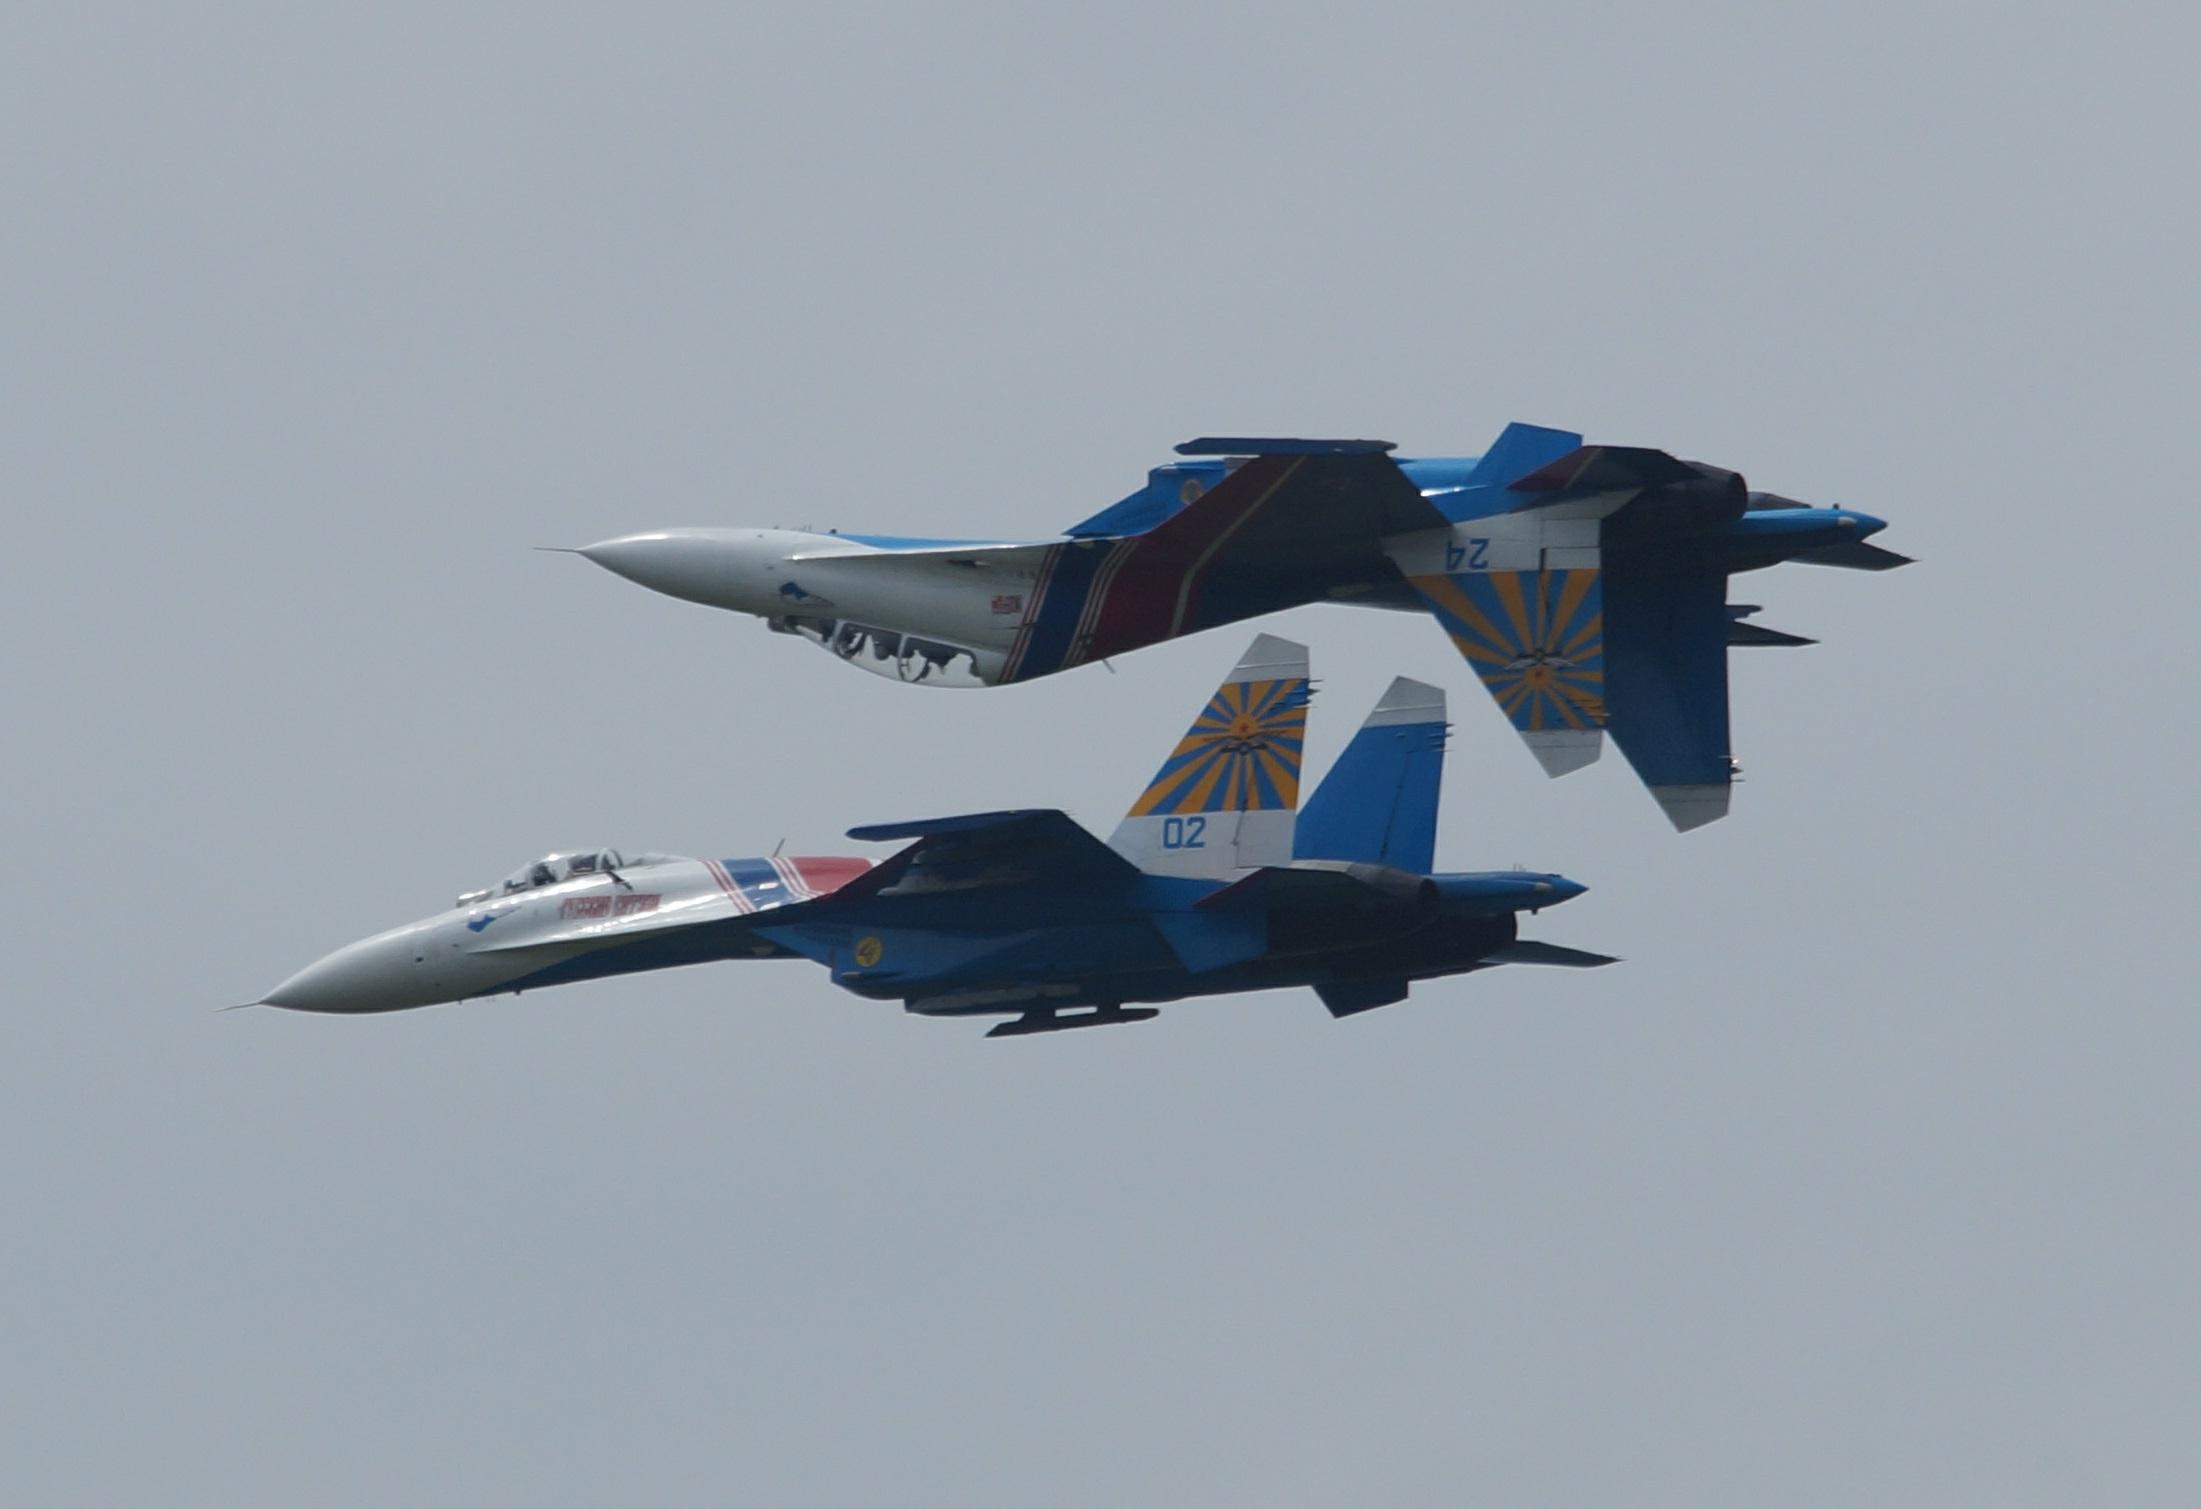 ДОВЕЛИ ДО НЕРВНОГО СРЫВА: КАК РУССКИЕ ПИЛОТЫ КОШМАРИЛИ ВВС США ввс